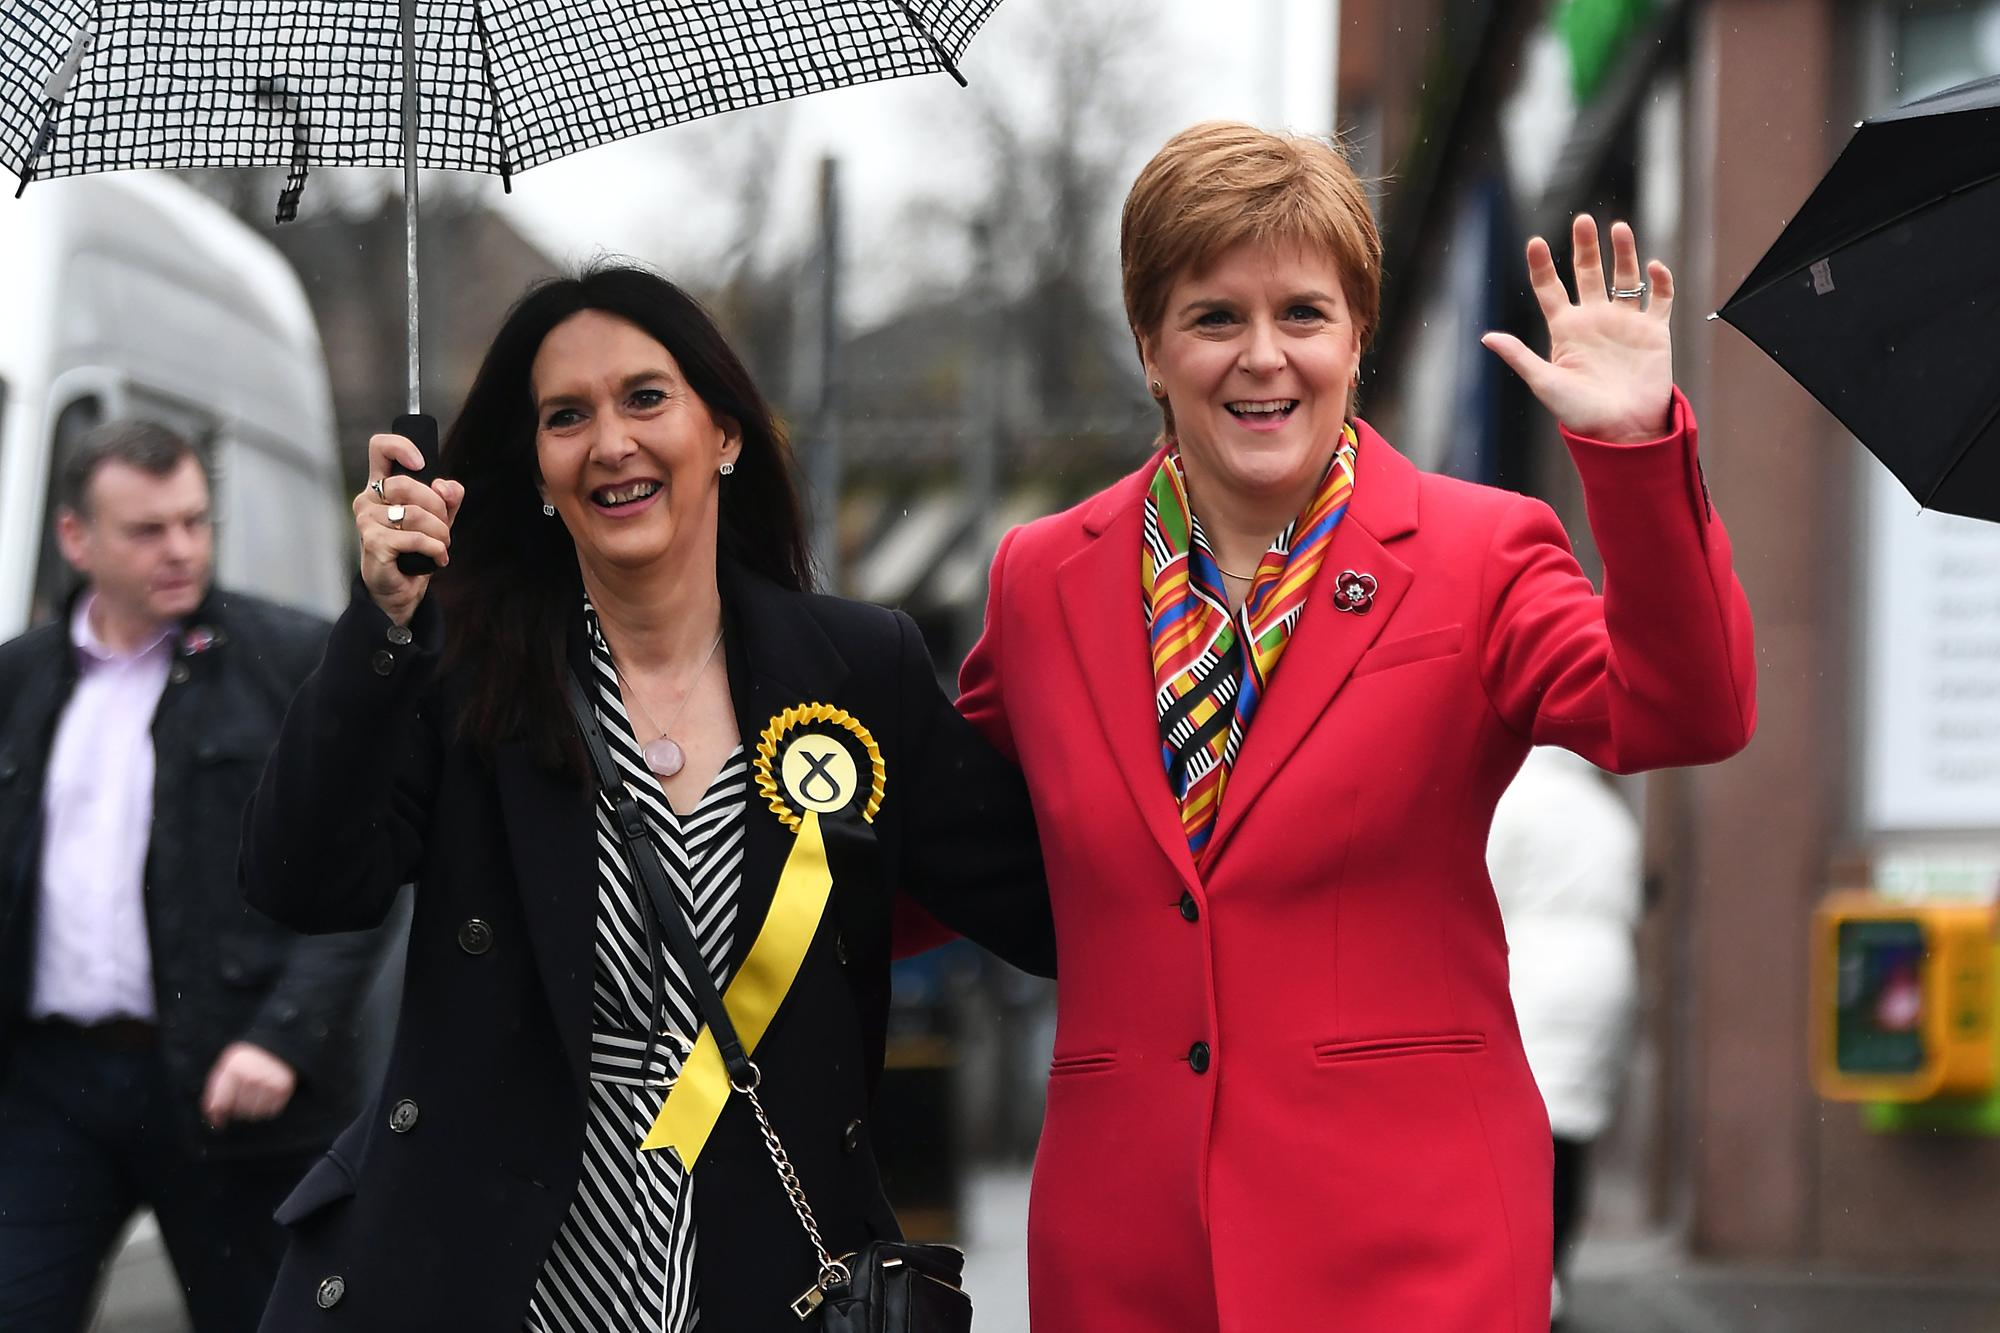 SNP MP Margaret Ferrier apologisesafter ignoring coronavirus rules...